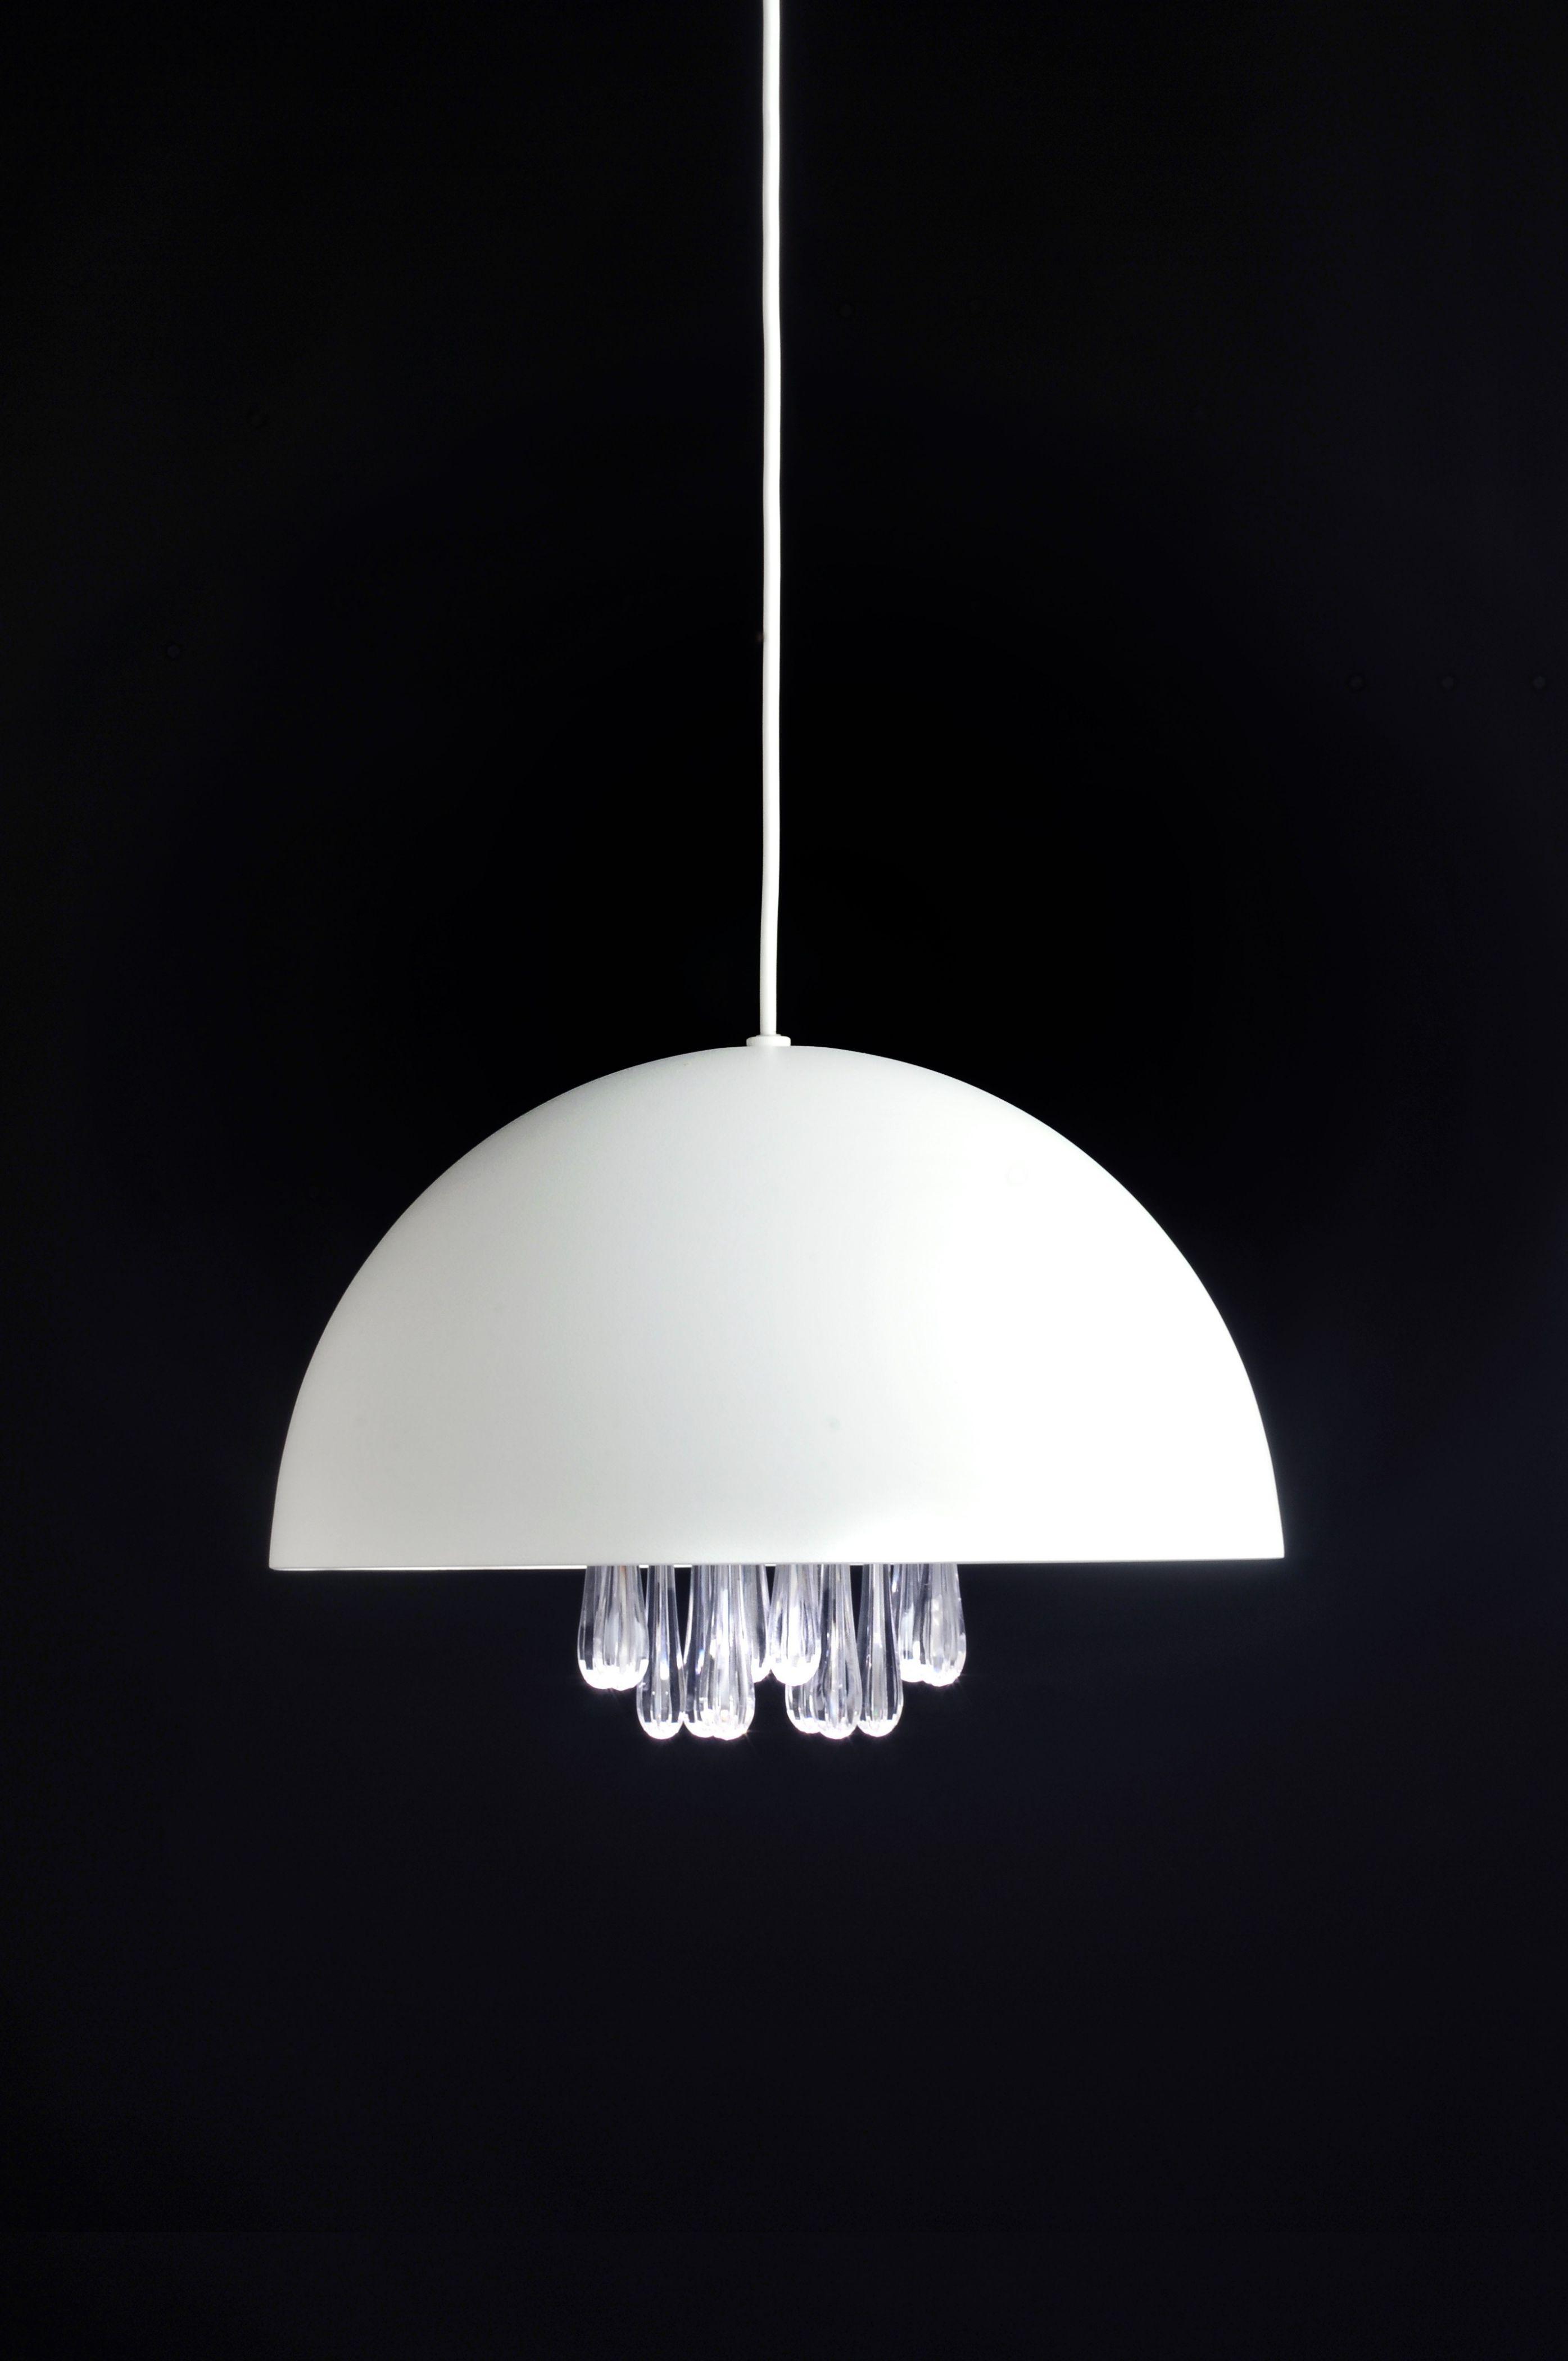 Medusa Lámpara Colgante LED 11W Lacado Blanco